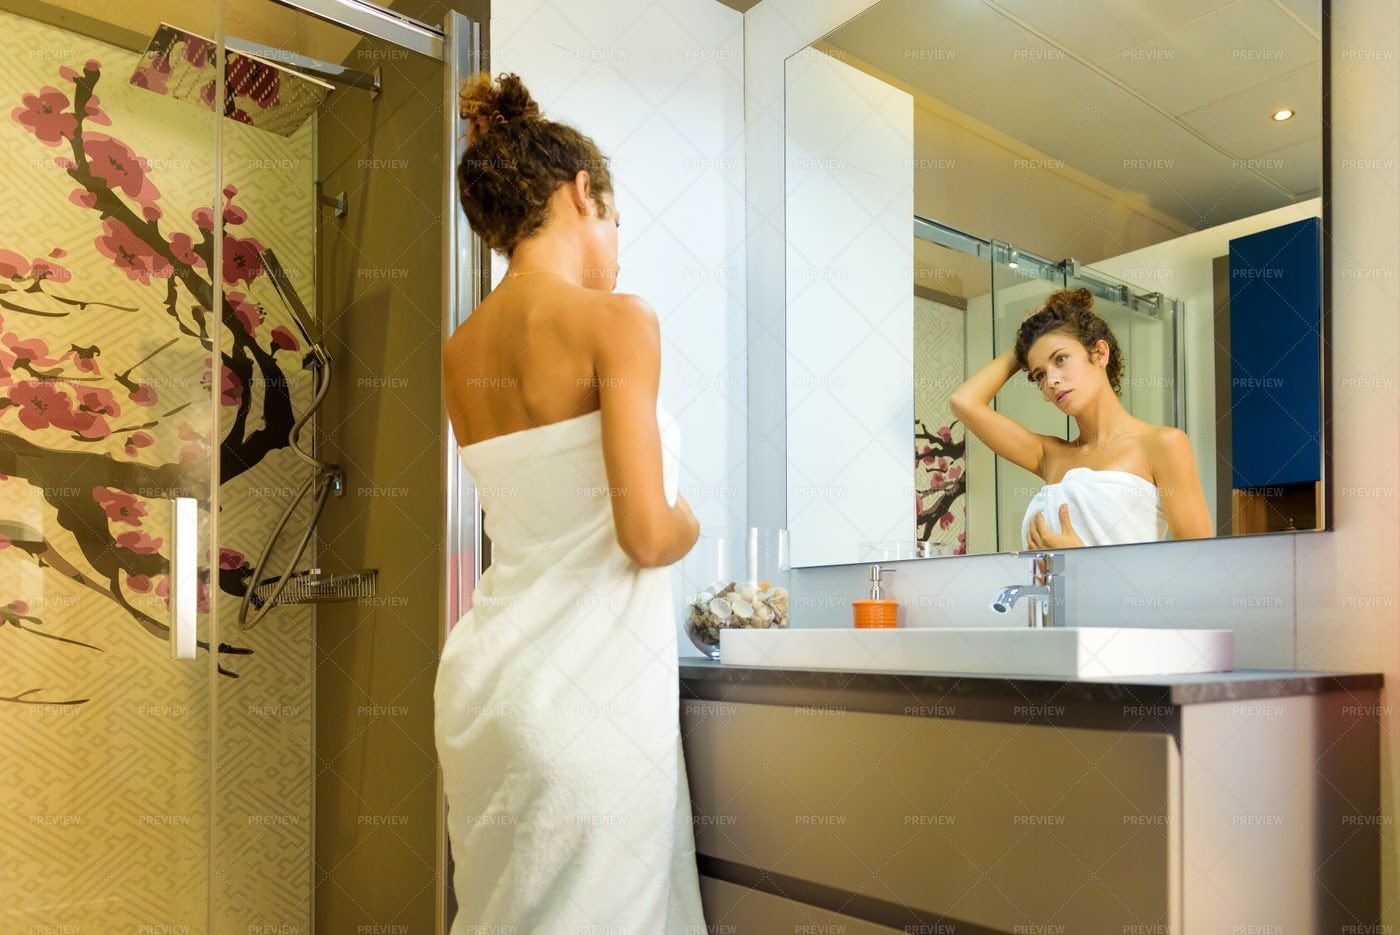 Woman In A Bathroom: Stock Photos